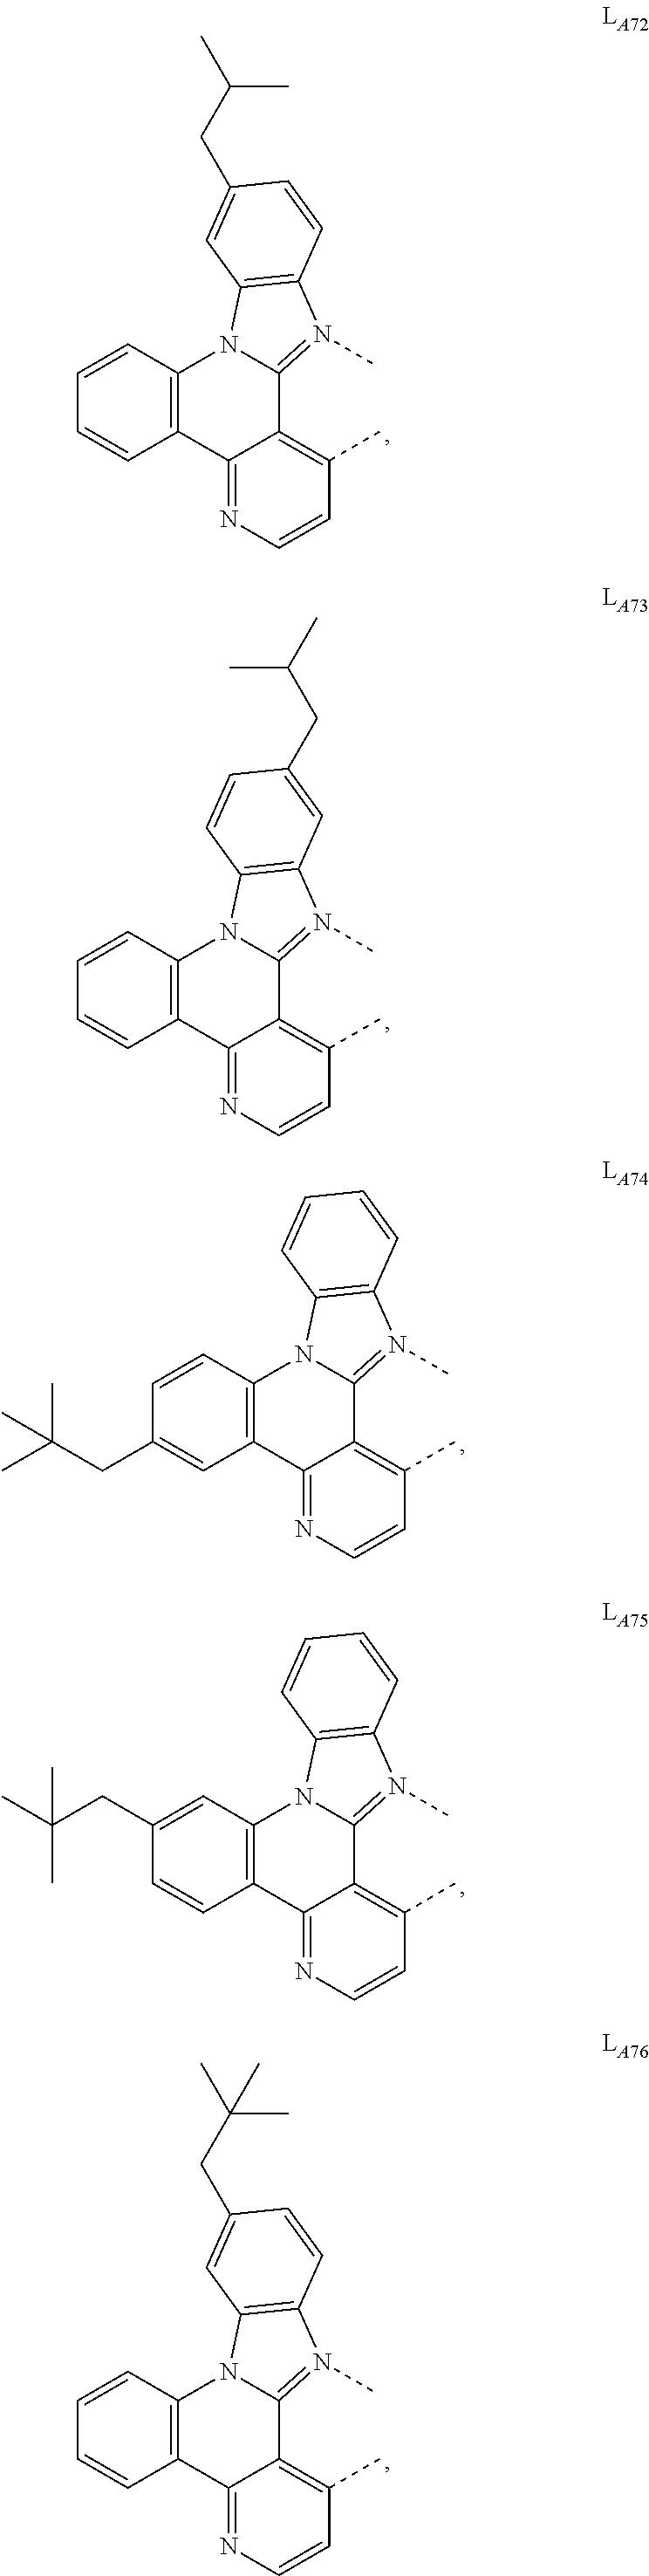 Figure US09905785-20180227-C00440